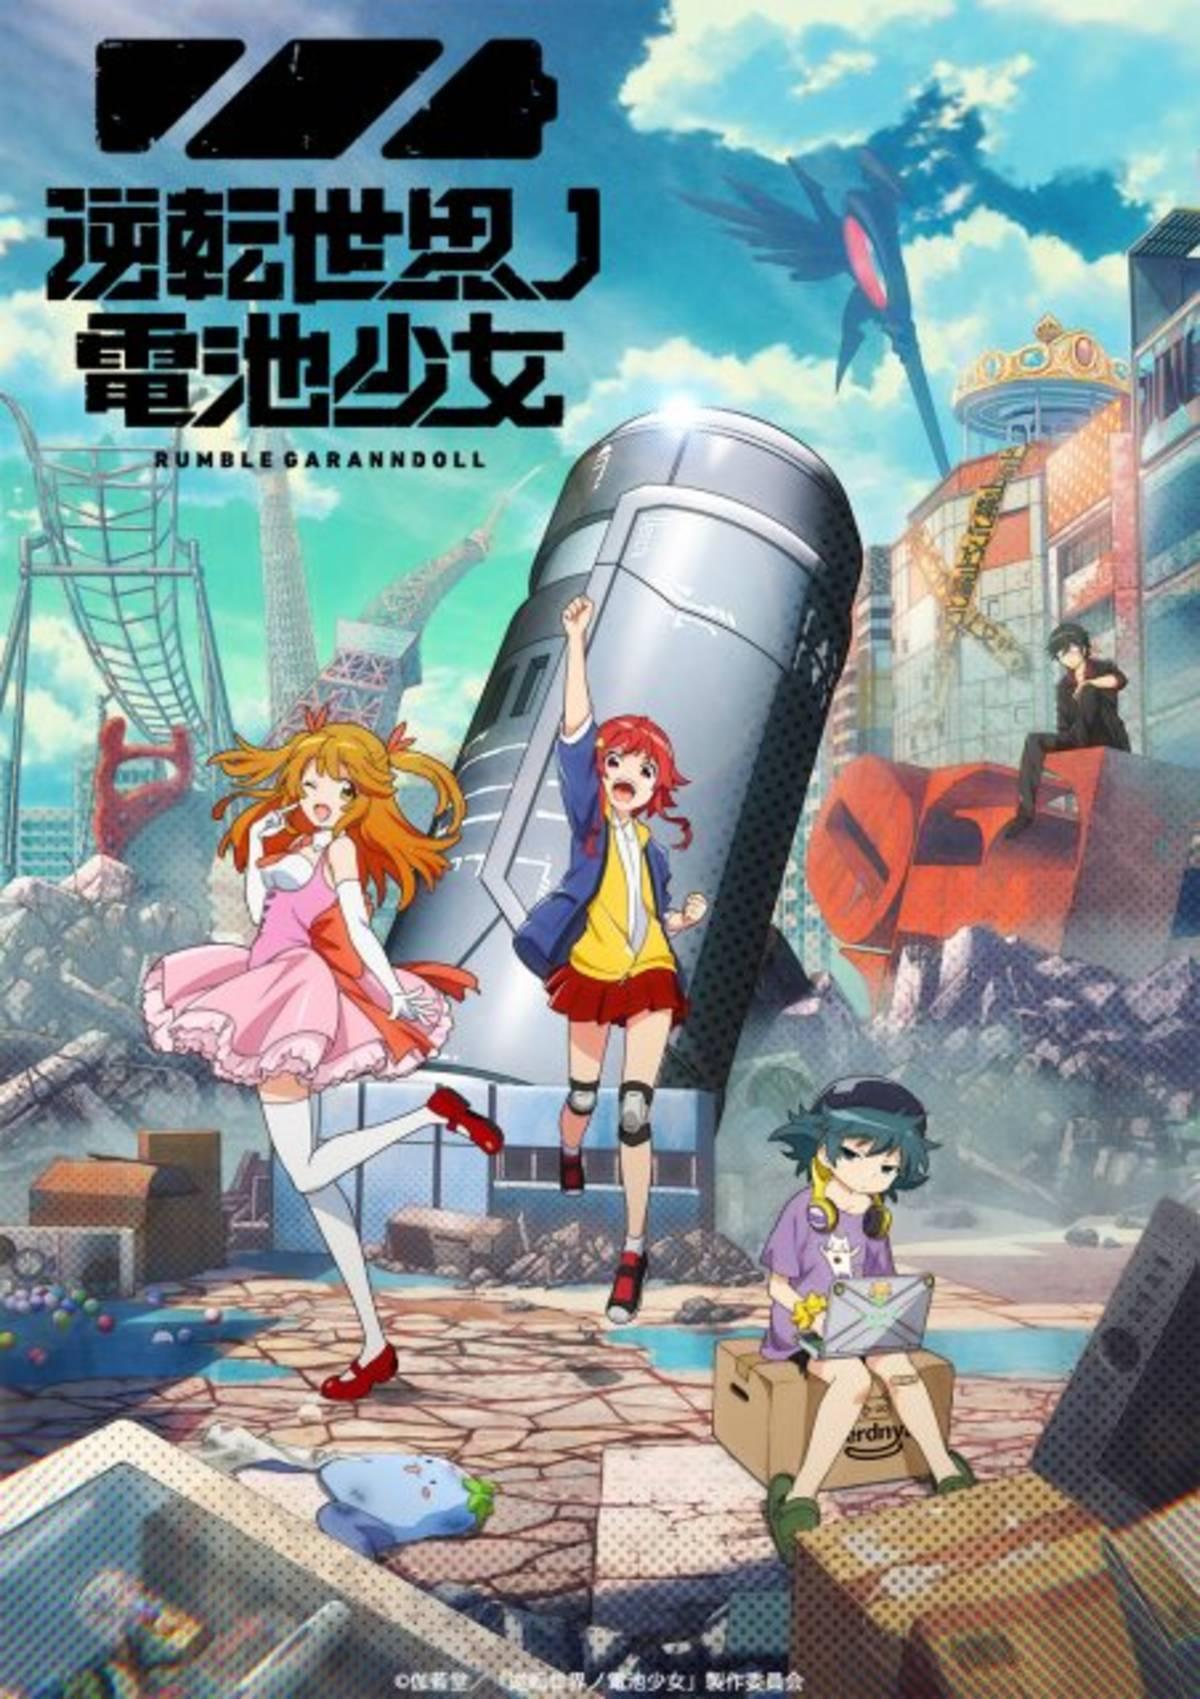 Rumble Garanndoll anime PV